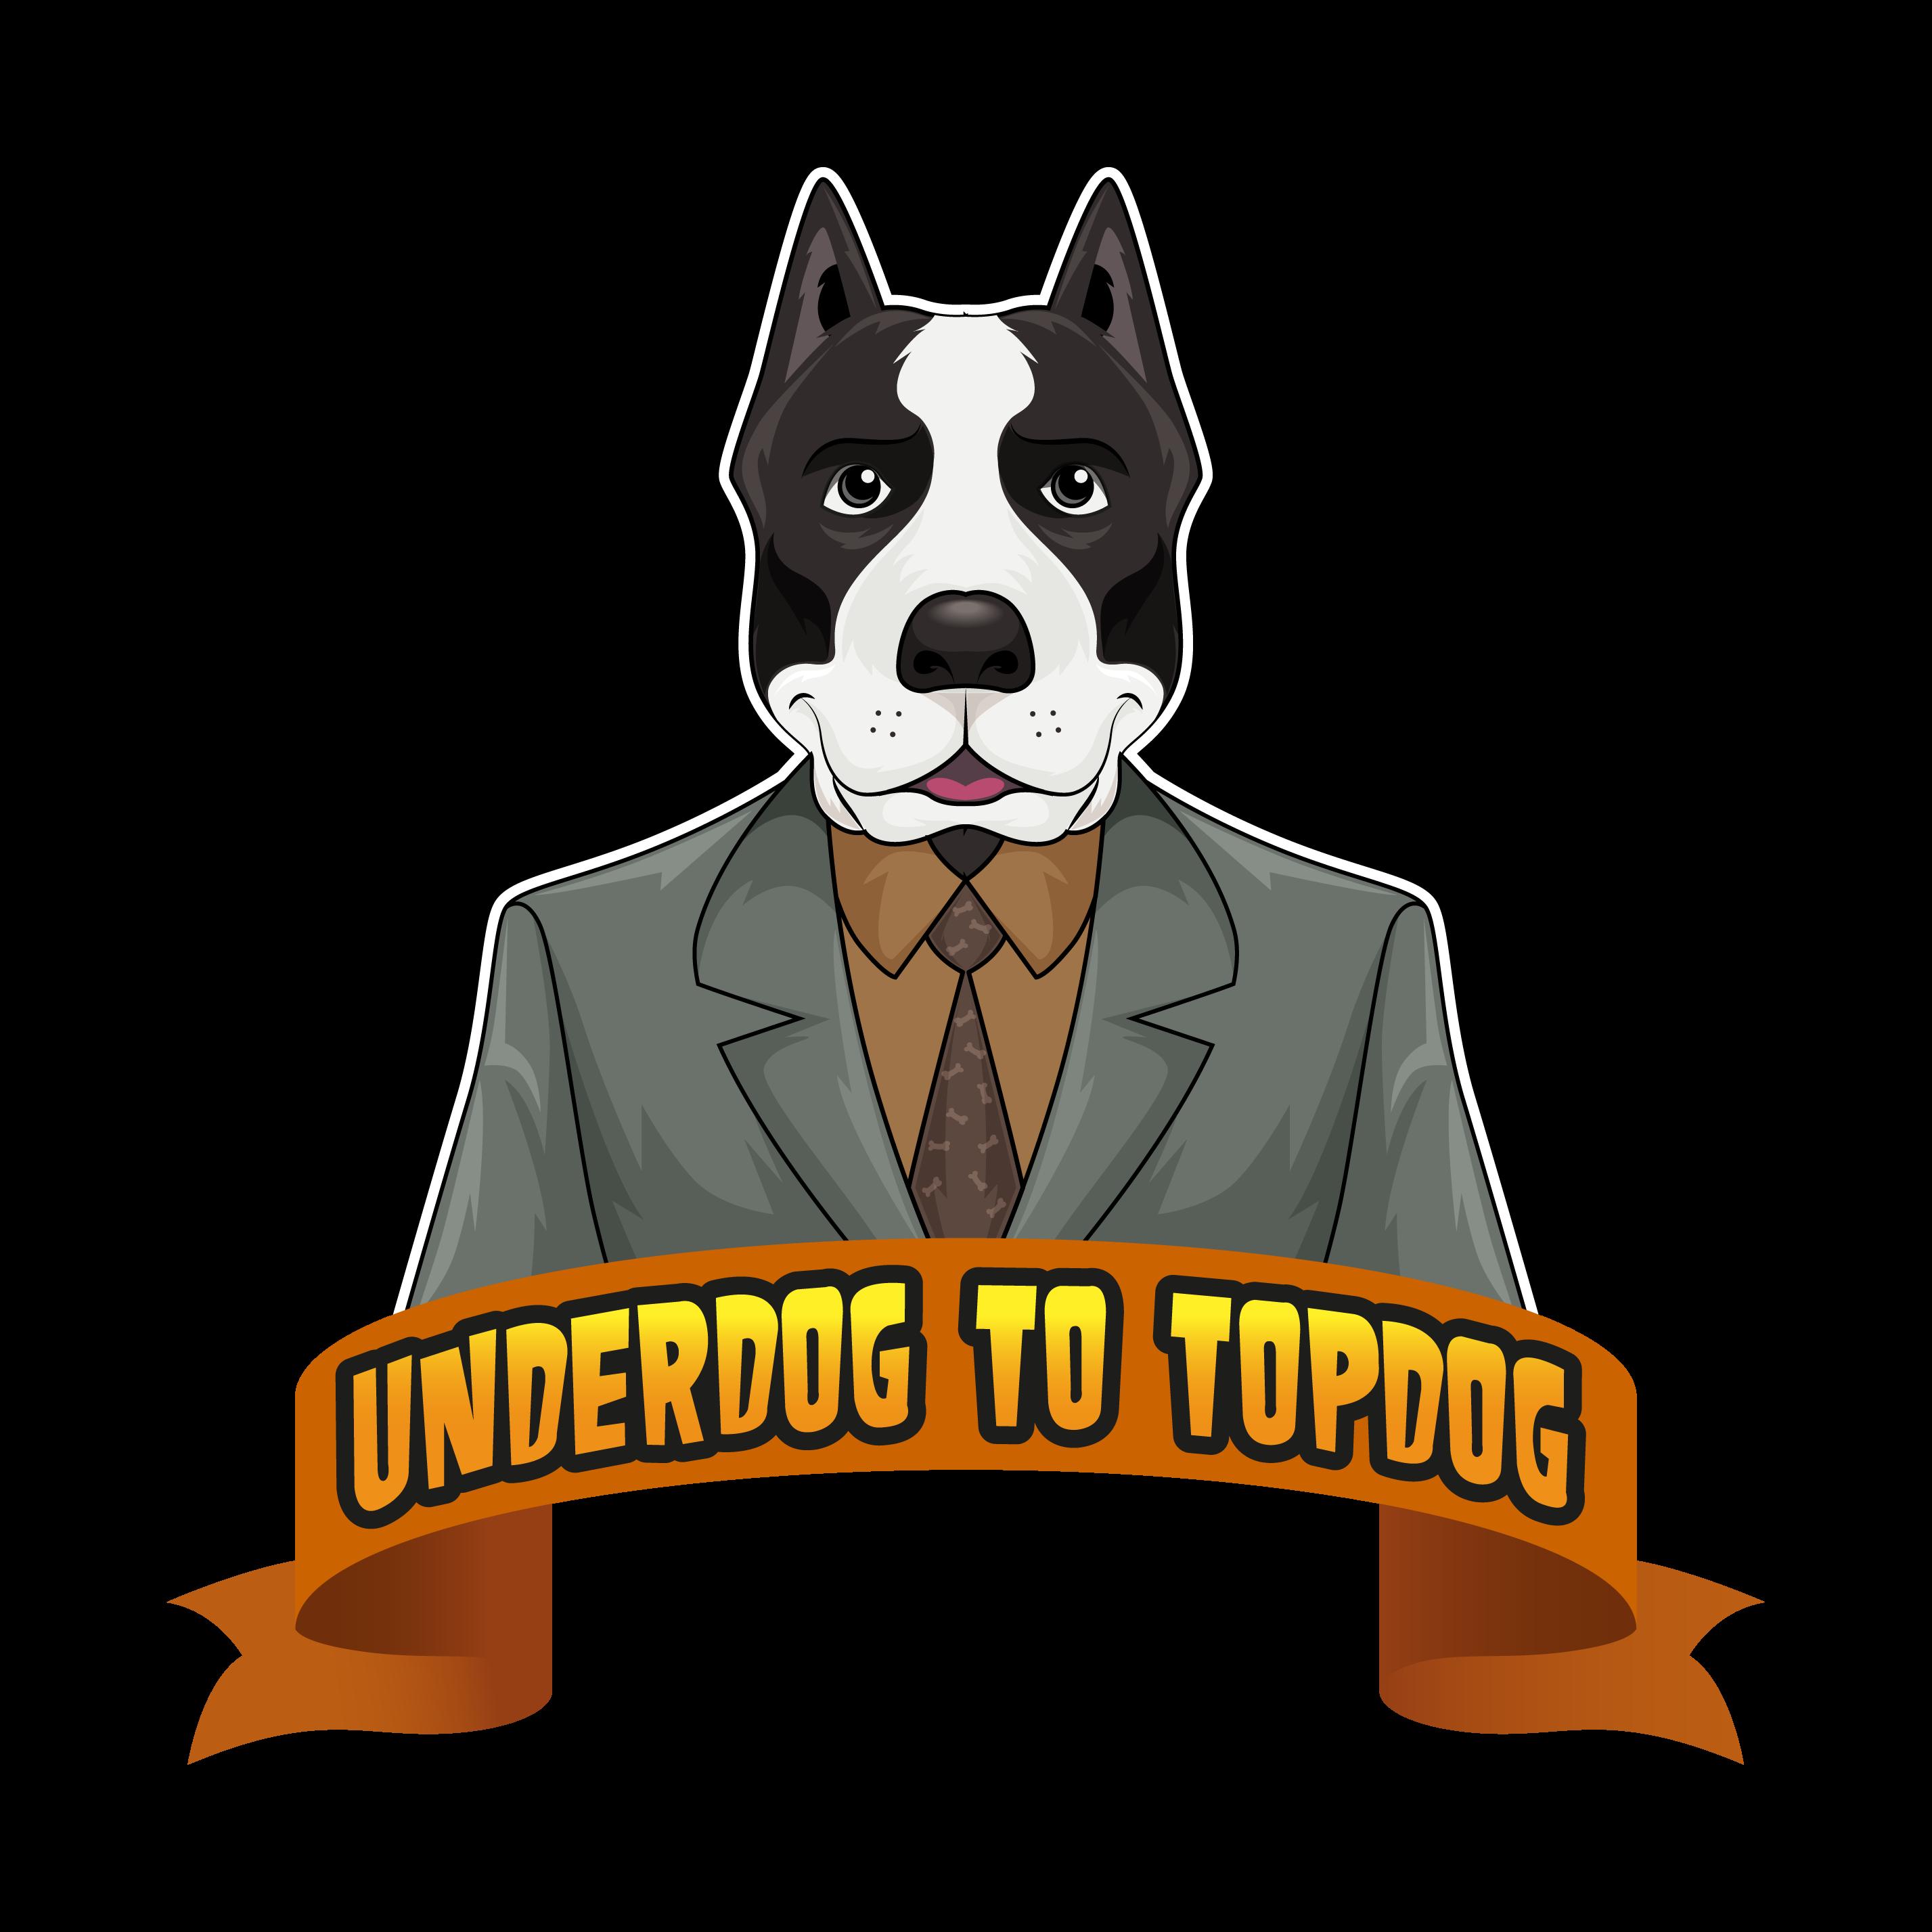 UnderdogToTopdog